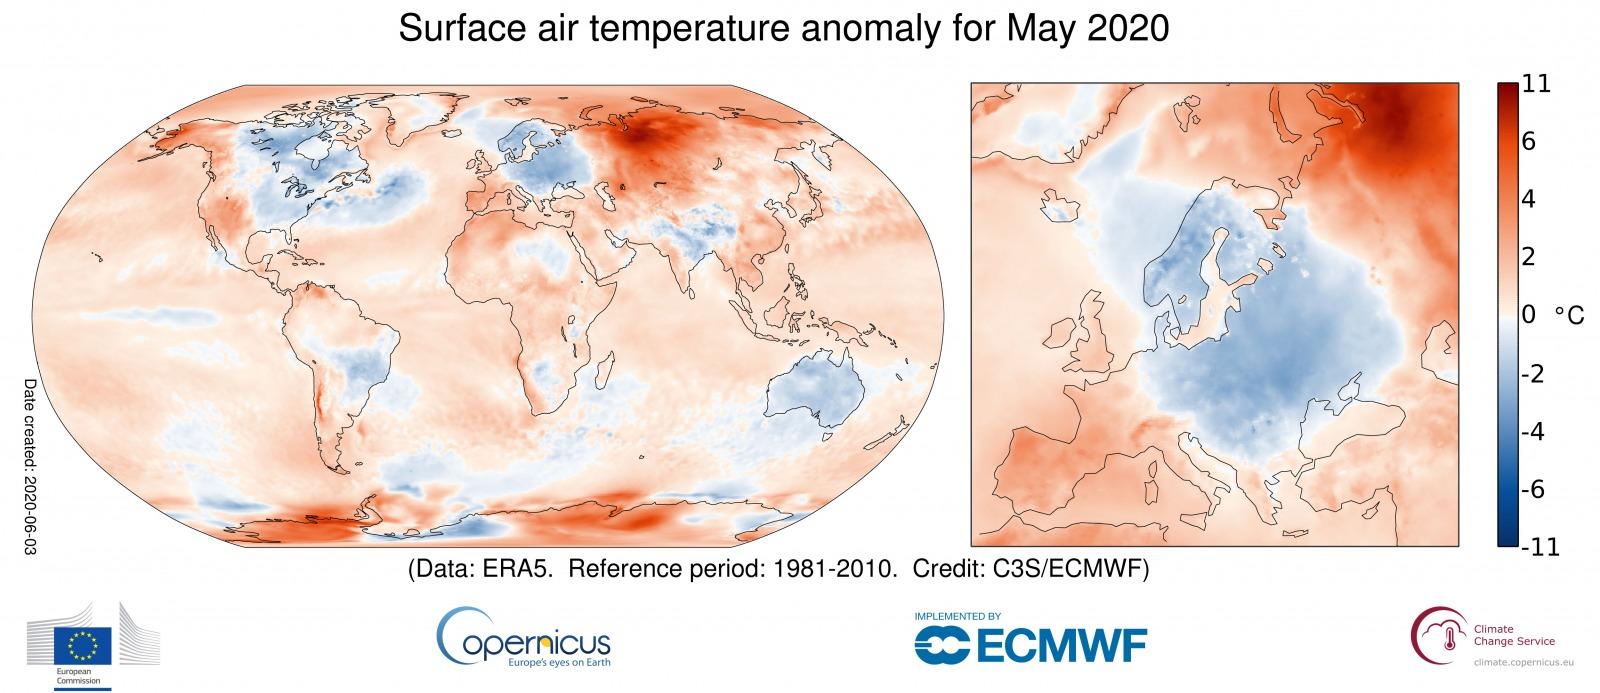 temperaturen im mai2020 map 1month anomaly Global ea 2t 202005 v02 copernicus